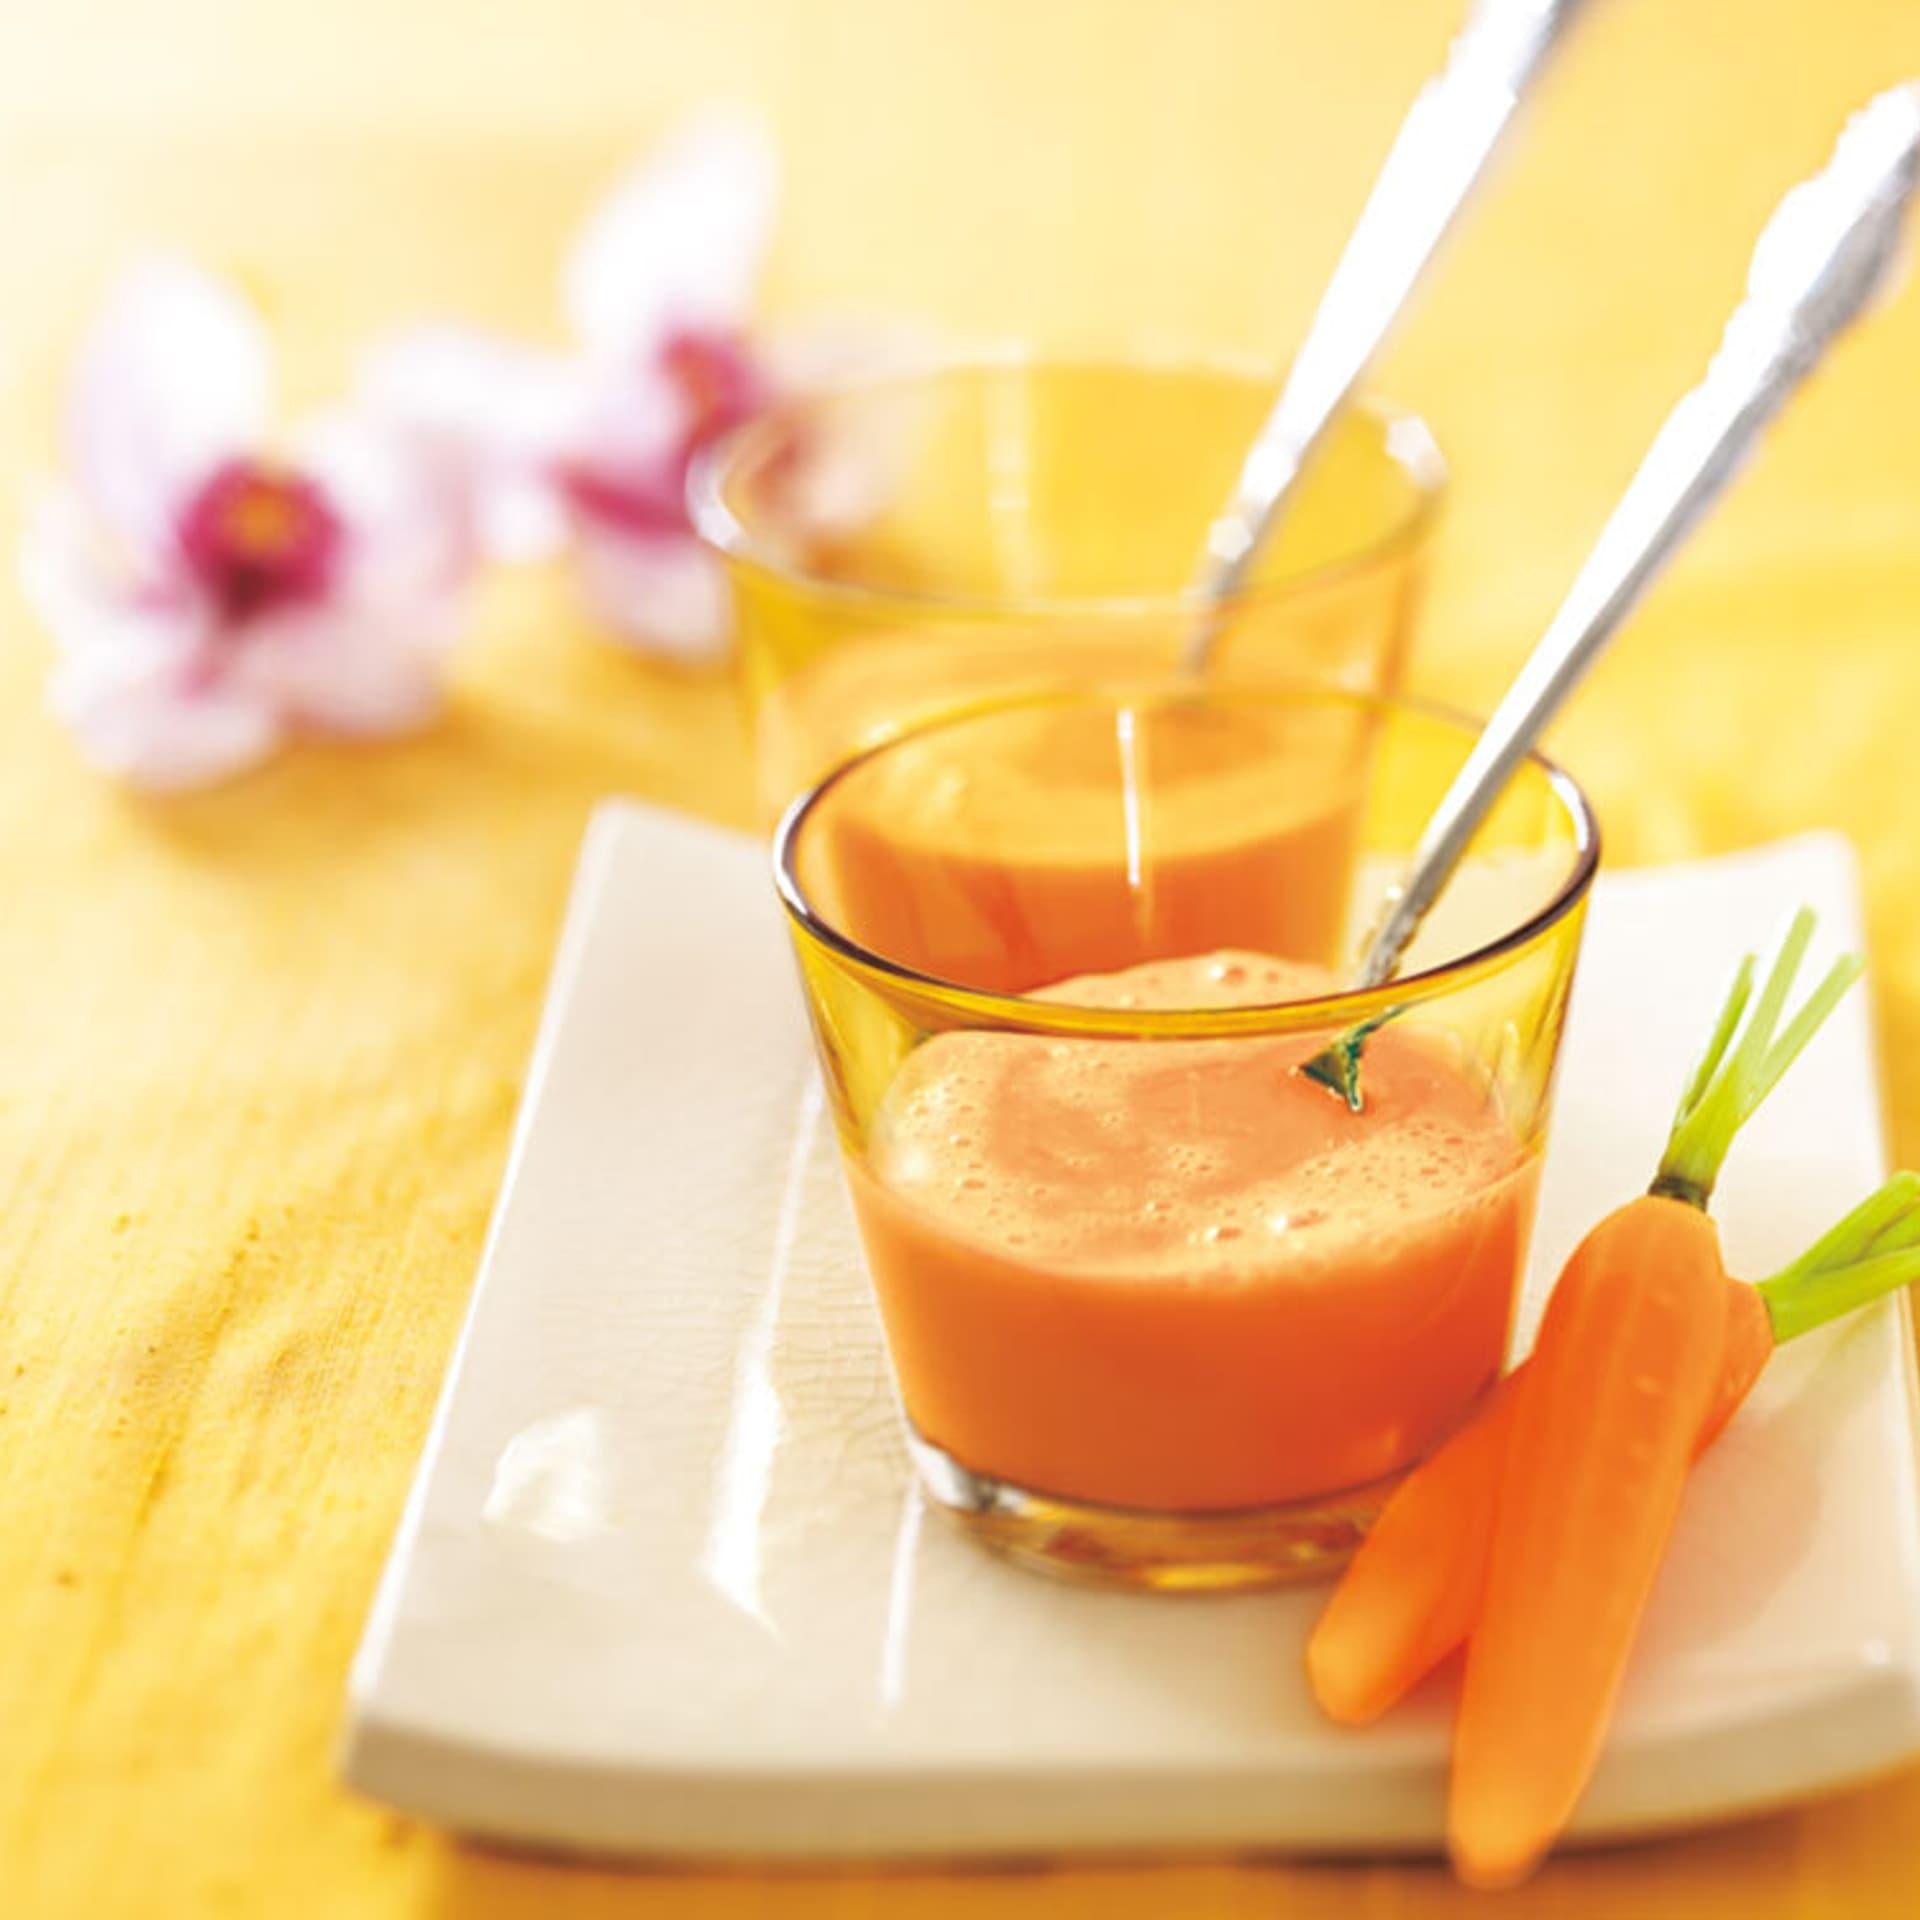 Eine orangene Suppe